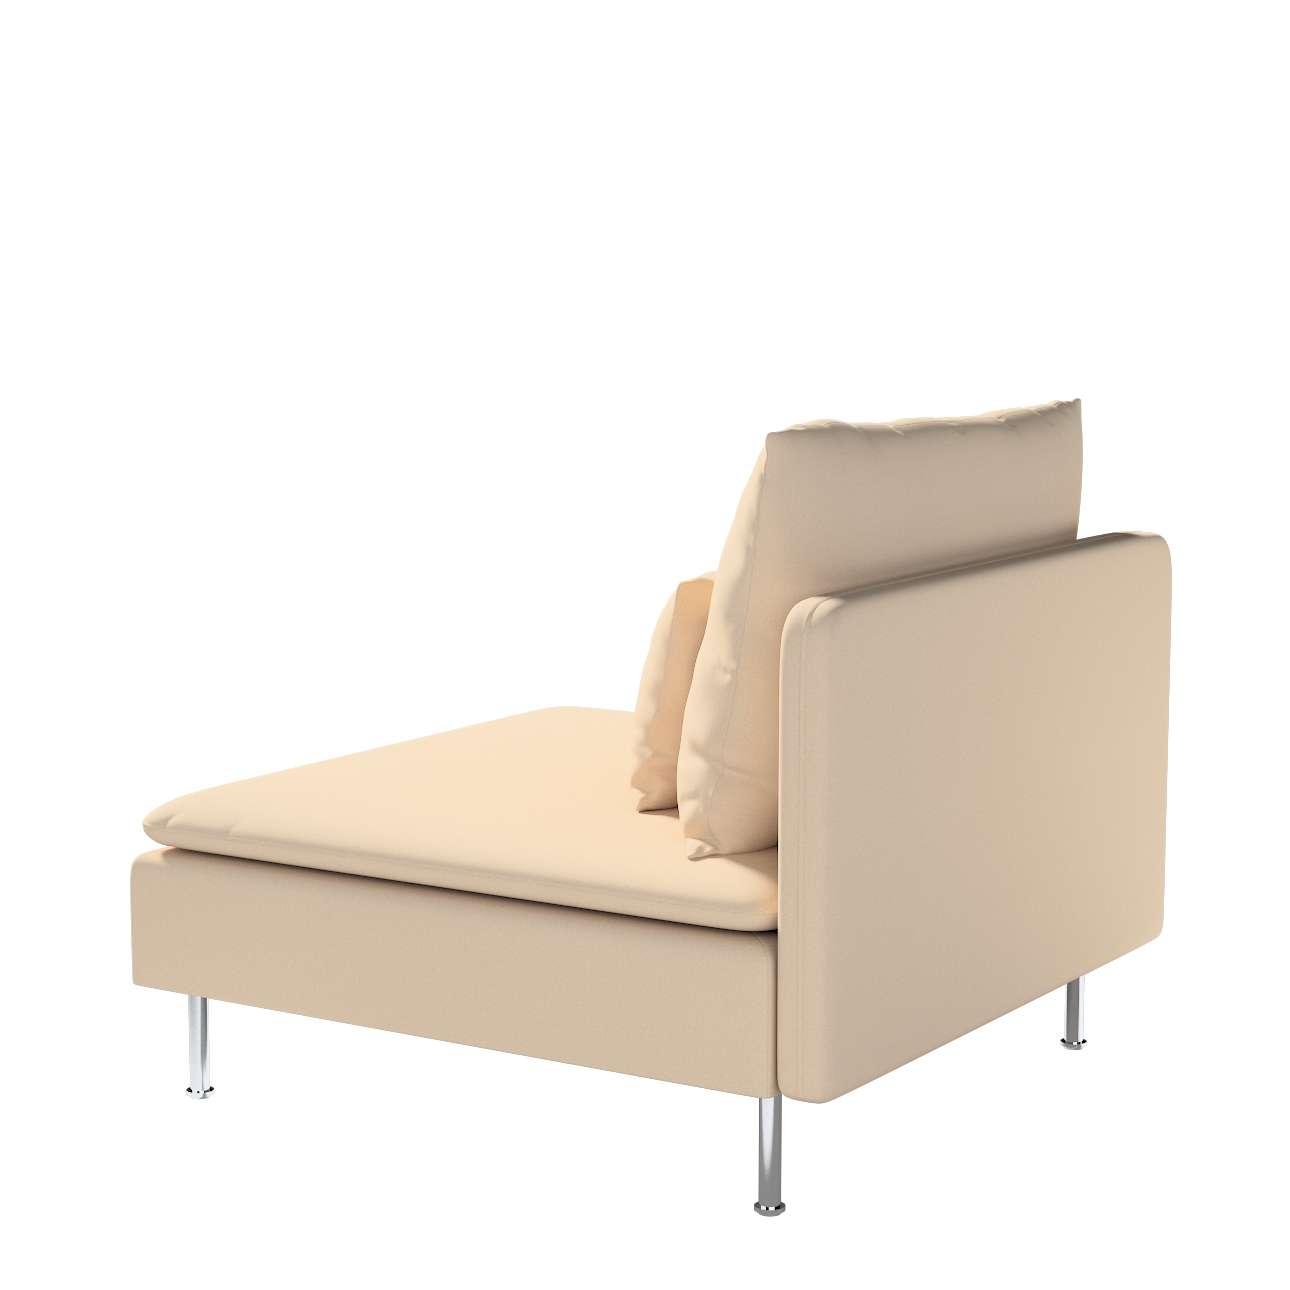 Bezug für Söderhamn Sitzelement 1 von der Kollektion Living, Stoff: 160-61